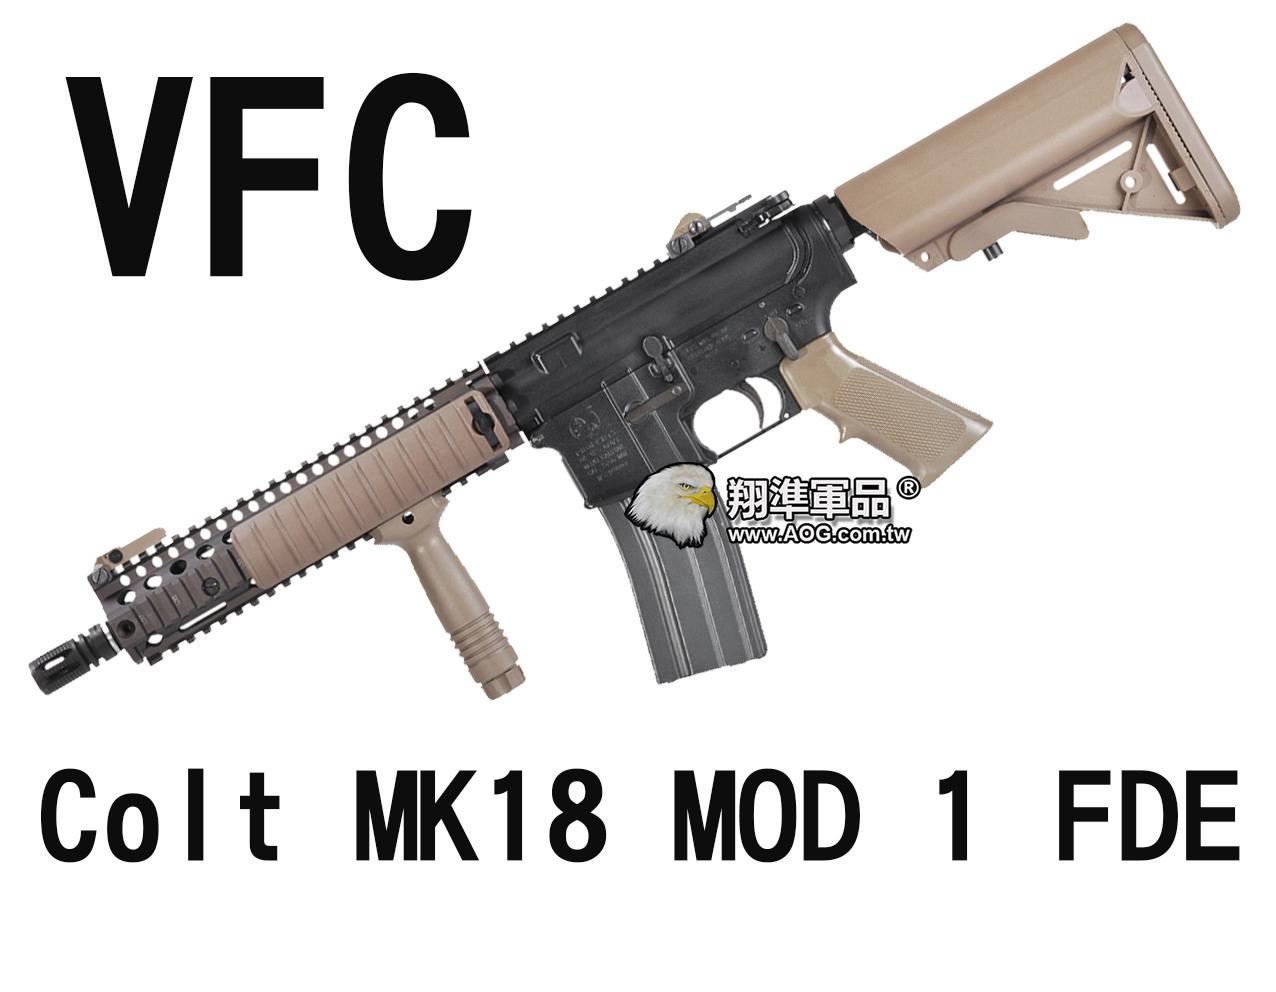 【翔準軍品AOG】【VFC】Colt MK18 MOD 1 FDE海豹托 魚骨版+握把 電動槍 長槍 衝鋒槍 黑色 沙黑色 VF1-LMK18M1